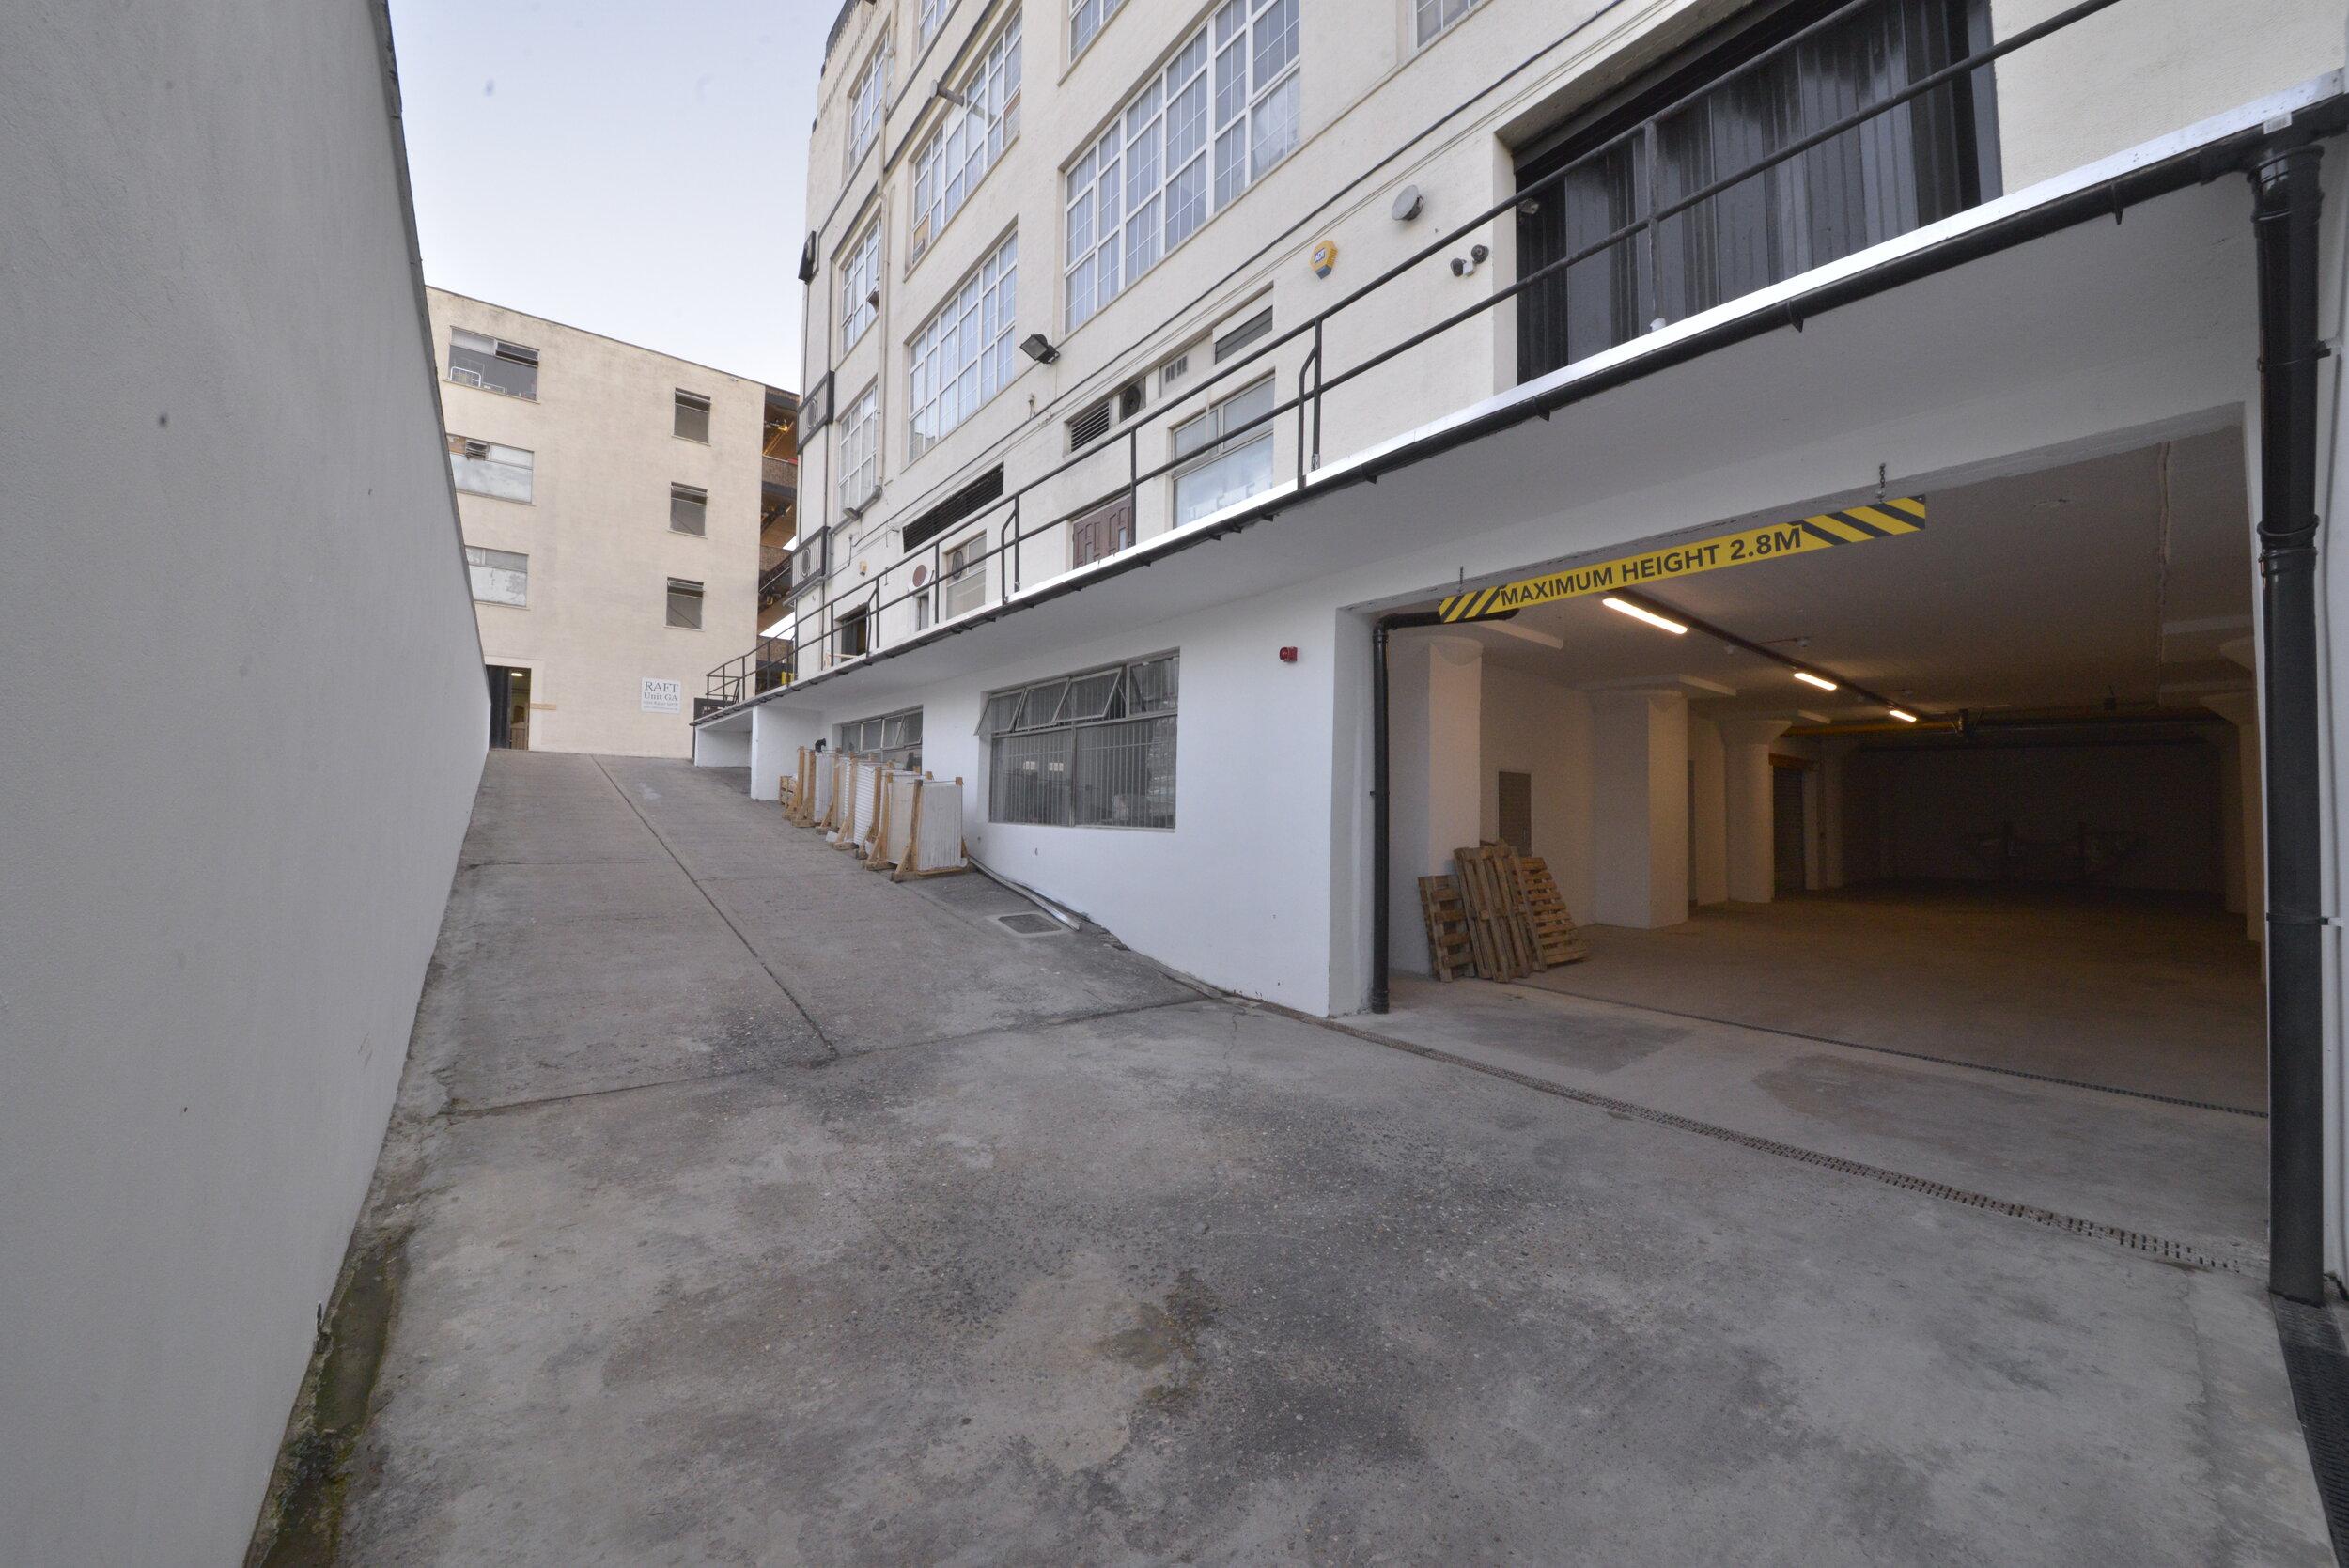 LG Entrance.JPG